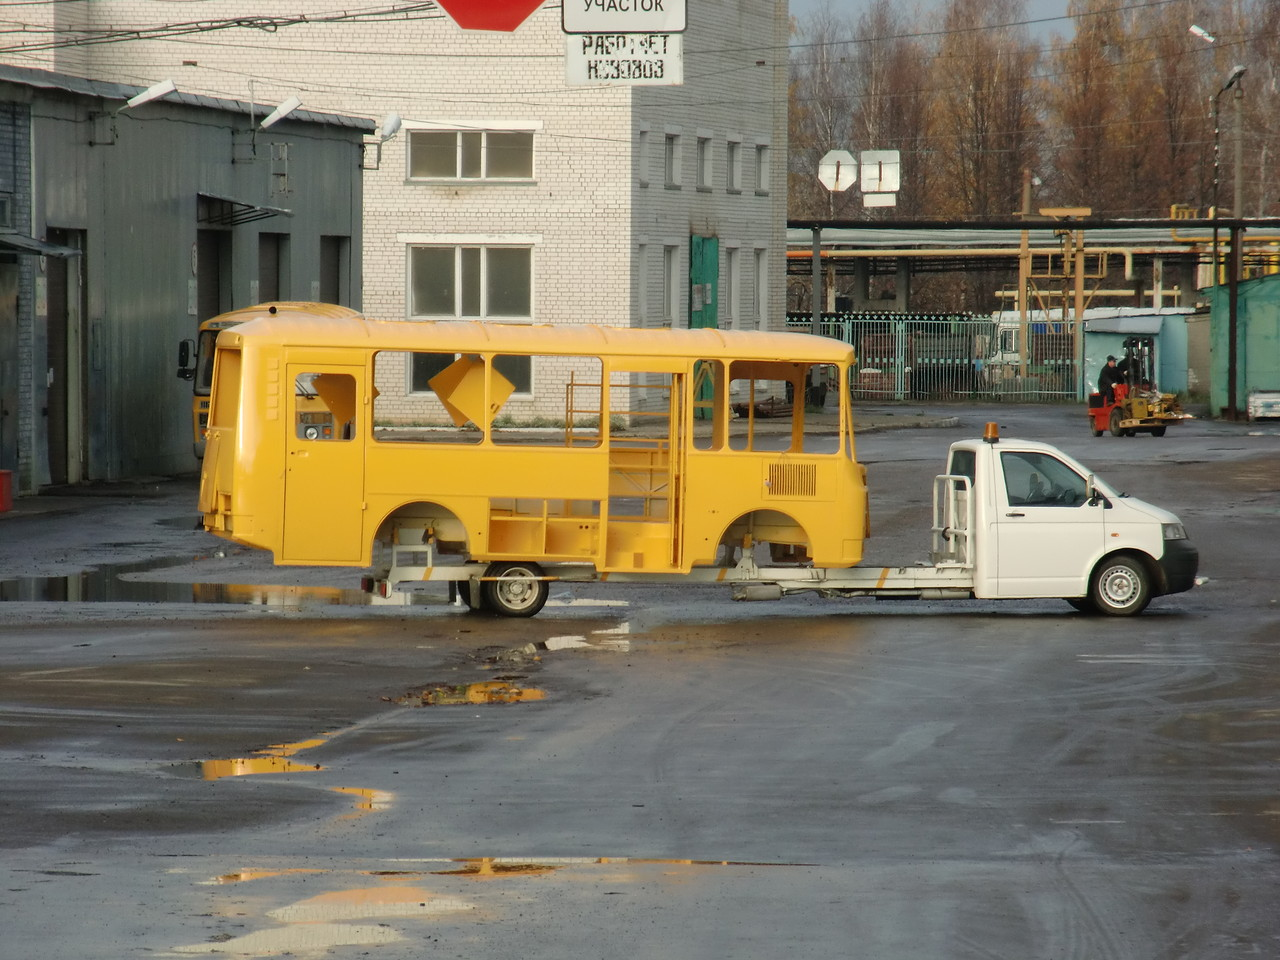 Транспортер универсален. Возит короткие кузова ПАЗ-3205